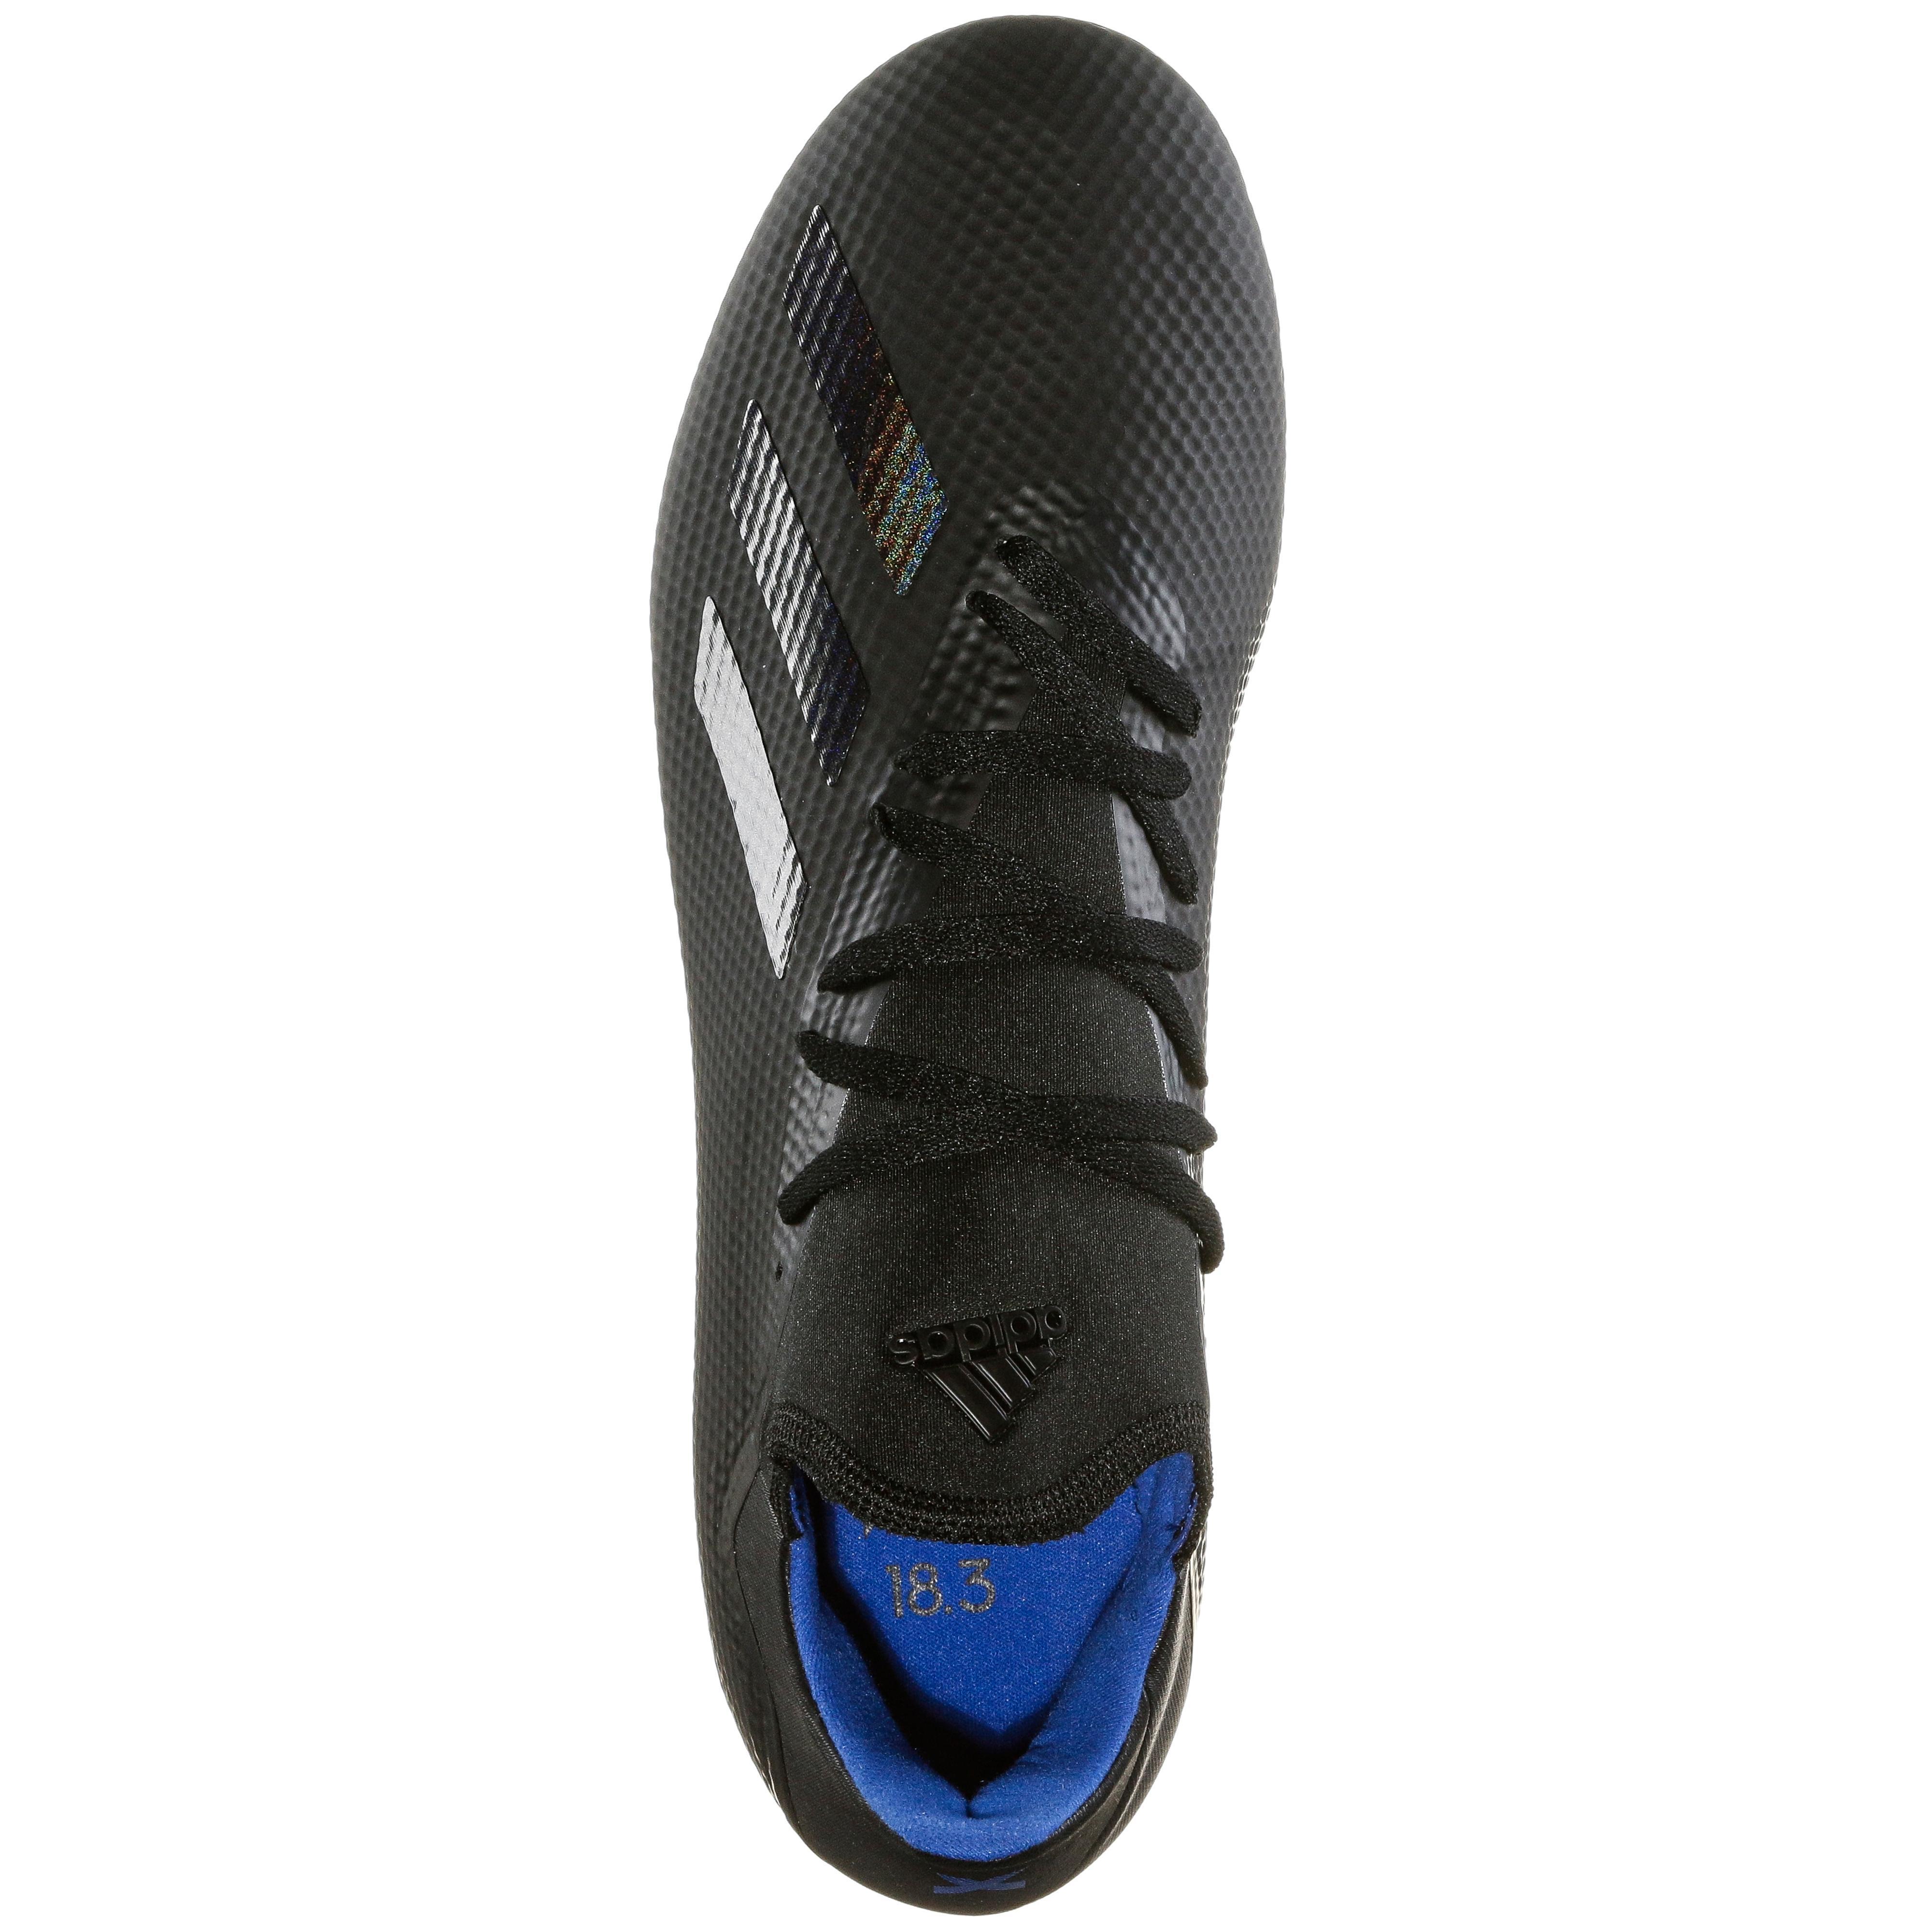 Adidas X 18.3 FG Fußballschuhe im core schwarz im Fußballschuhe Online Shop von SportScheck kaufen Gute Qualität beliebte Schuhe f01edd